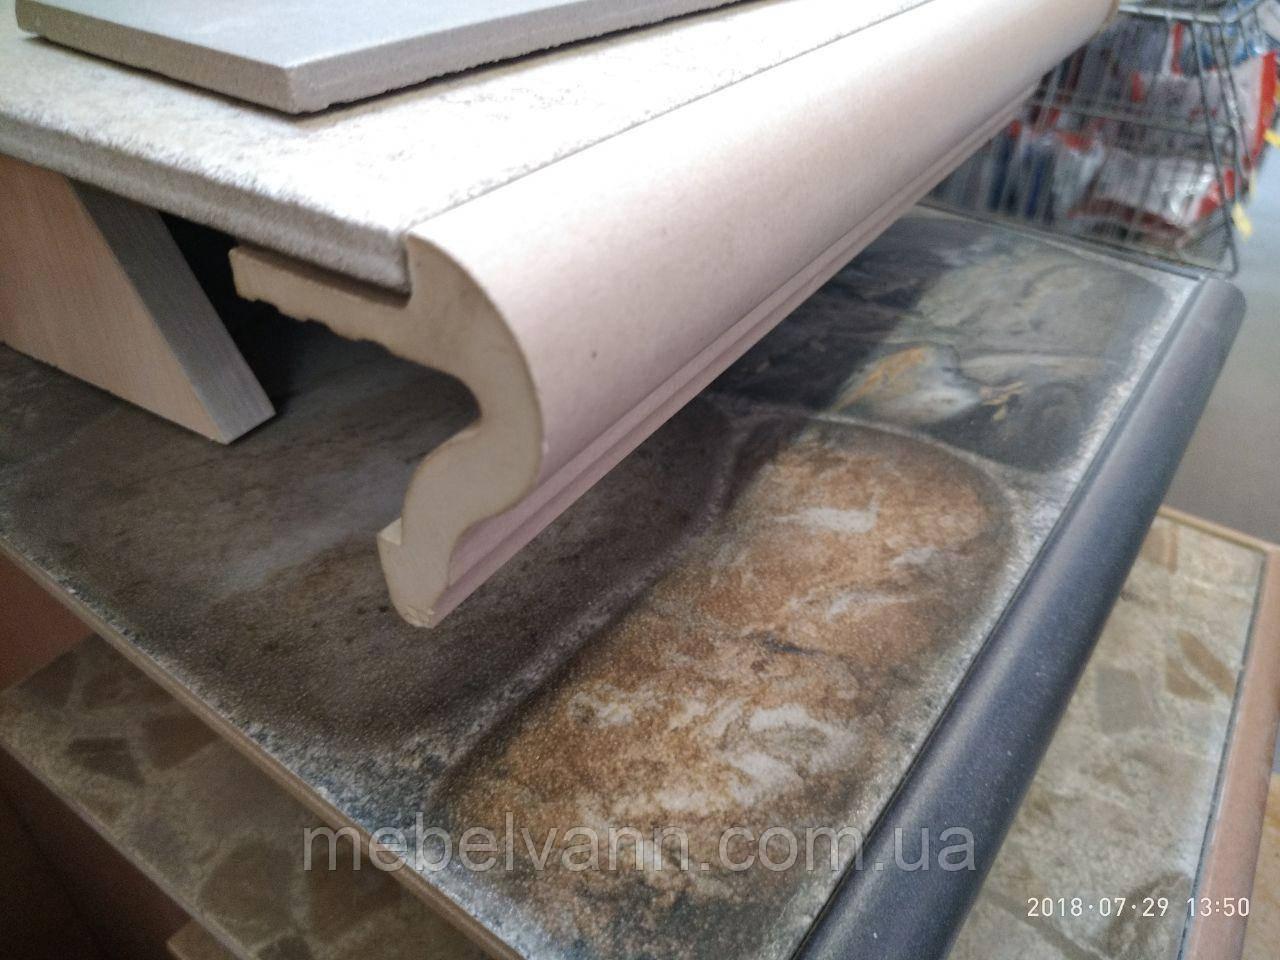 Капінос Вставка для сходів, драбин на поріг